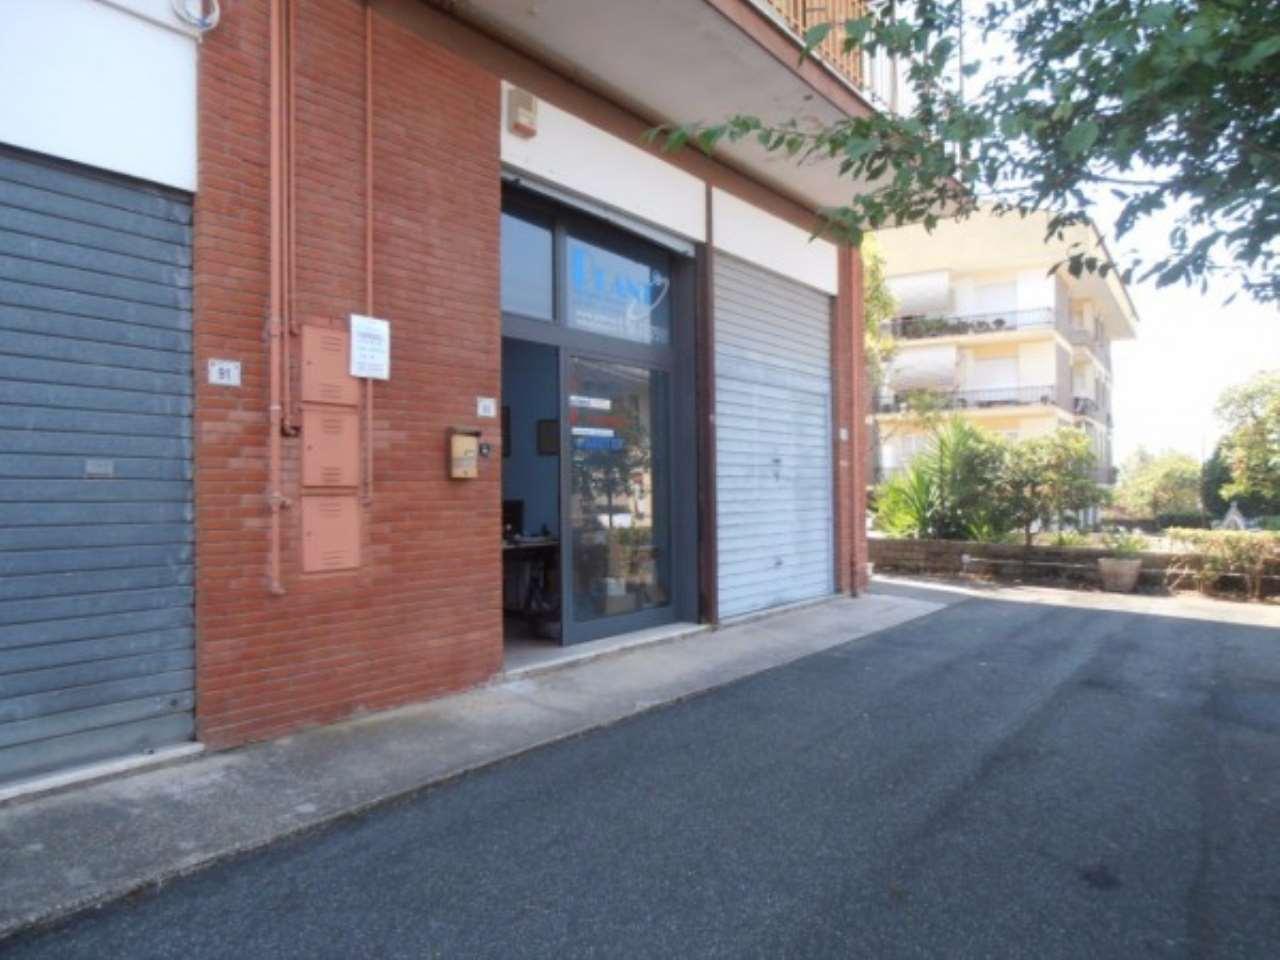 Ufficio / Studio in vendita a Lanuvio, 1 locali, prezzo € 30.000 | CambioCasa.it